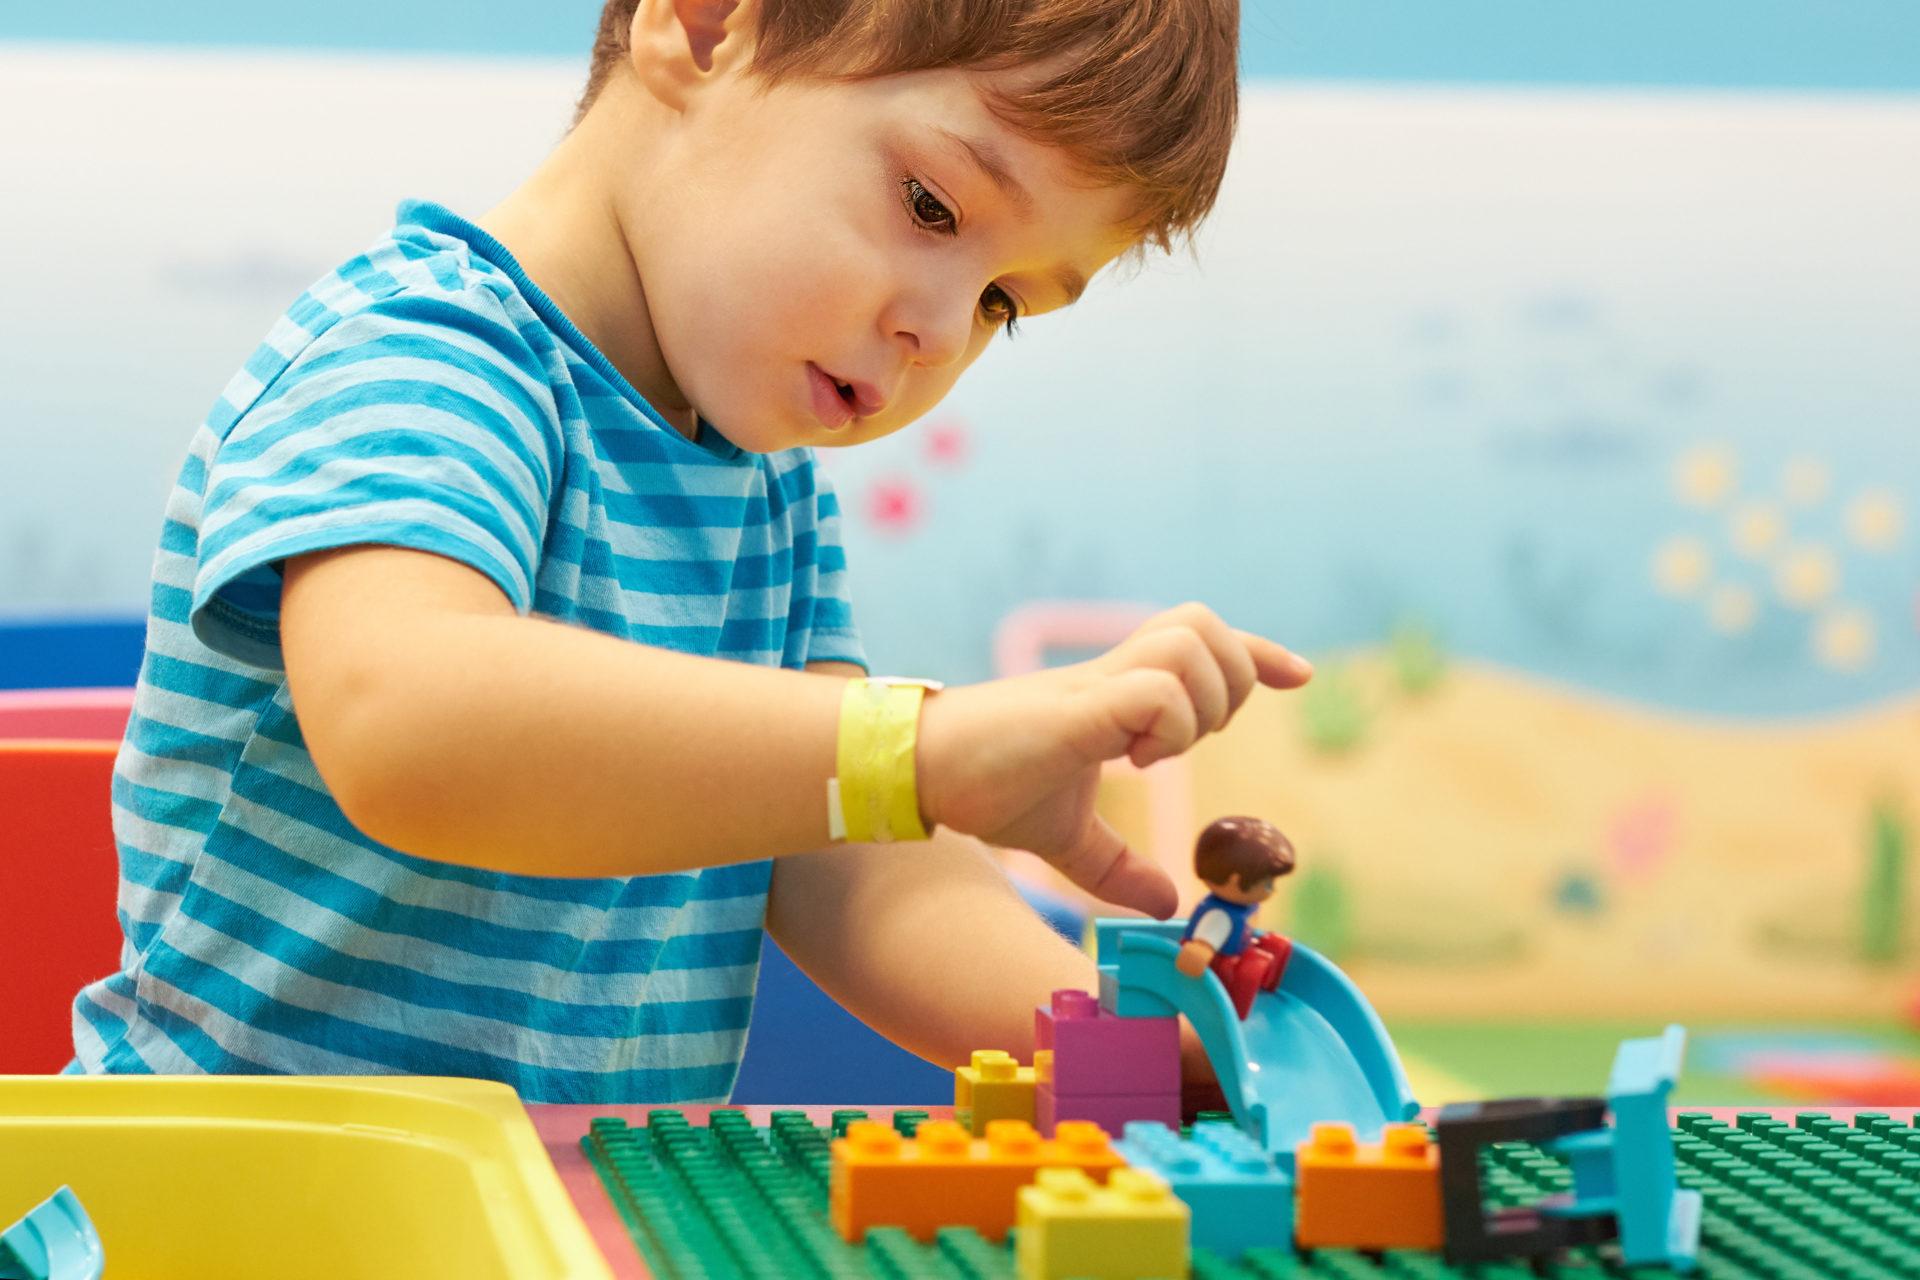 Jeu, Jouet Enfant - Jeu Enfant 2 Ans, 3 Ans, 4 Ans Et 5 Ans intérieur Activités Éducatives Pour Les 0 2 Ans